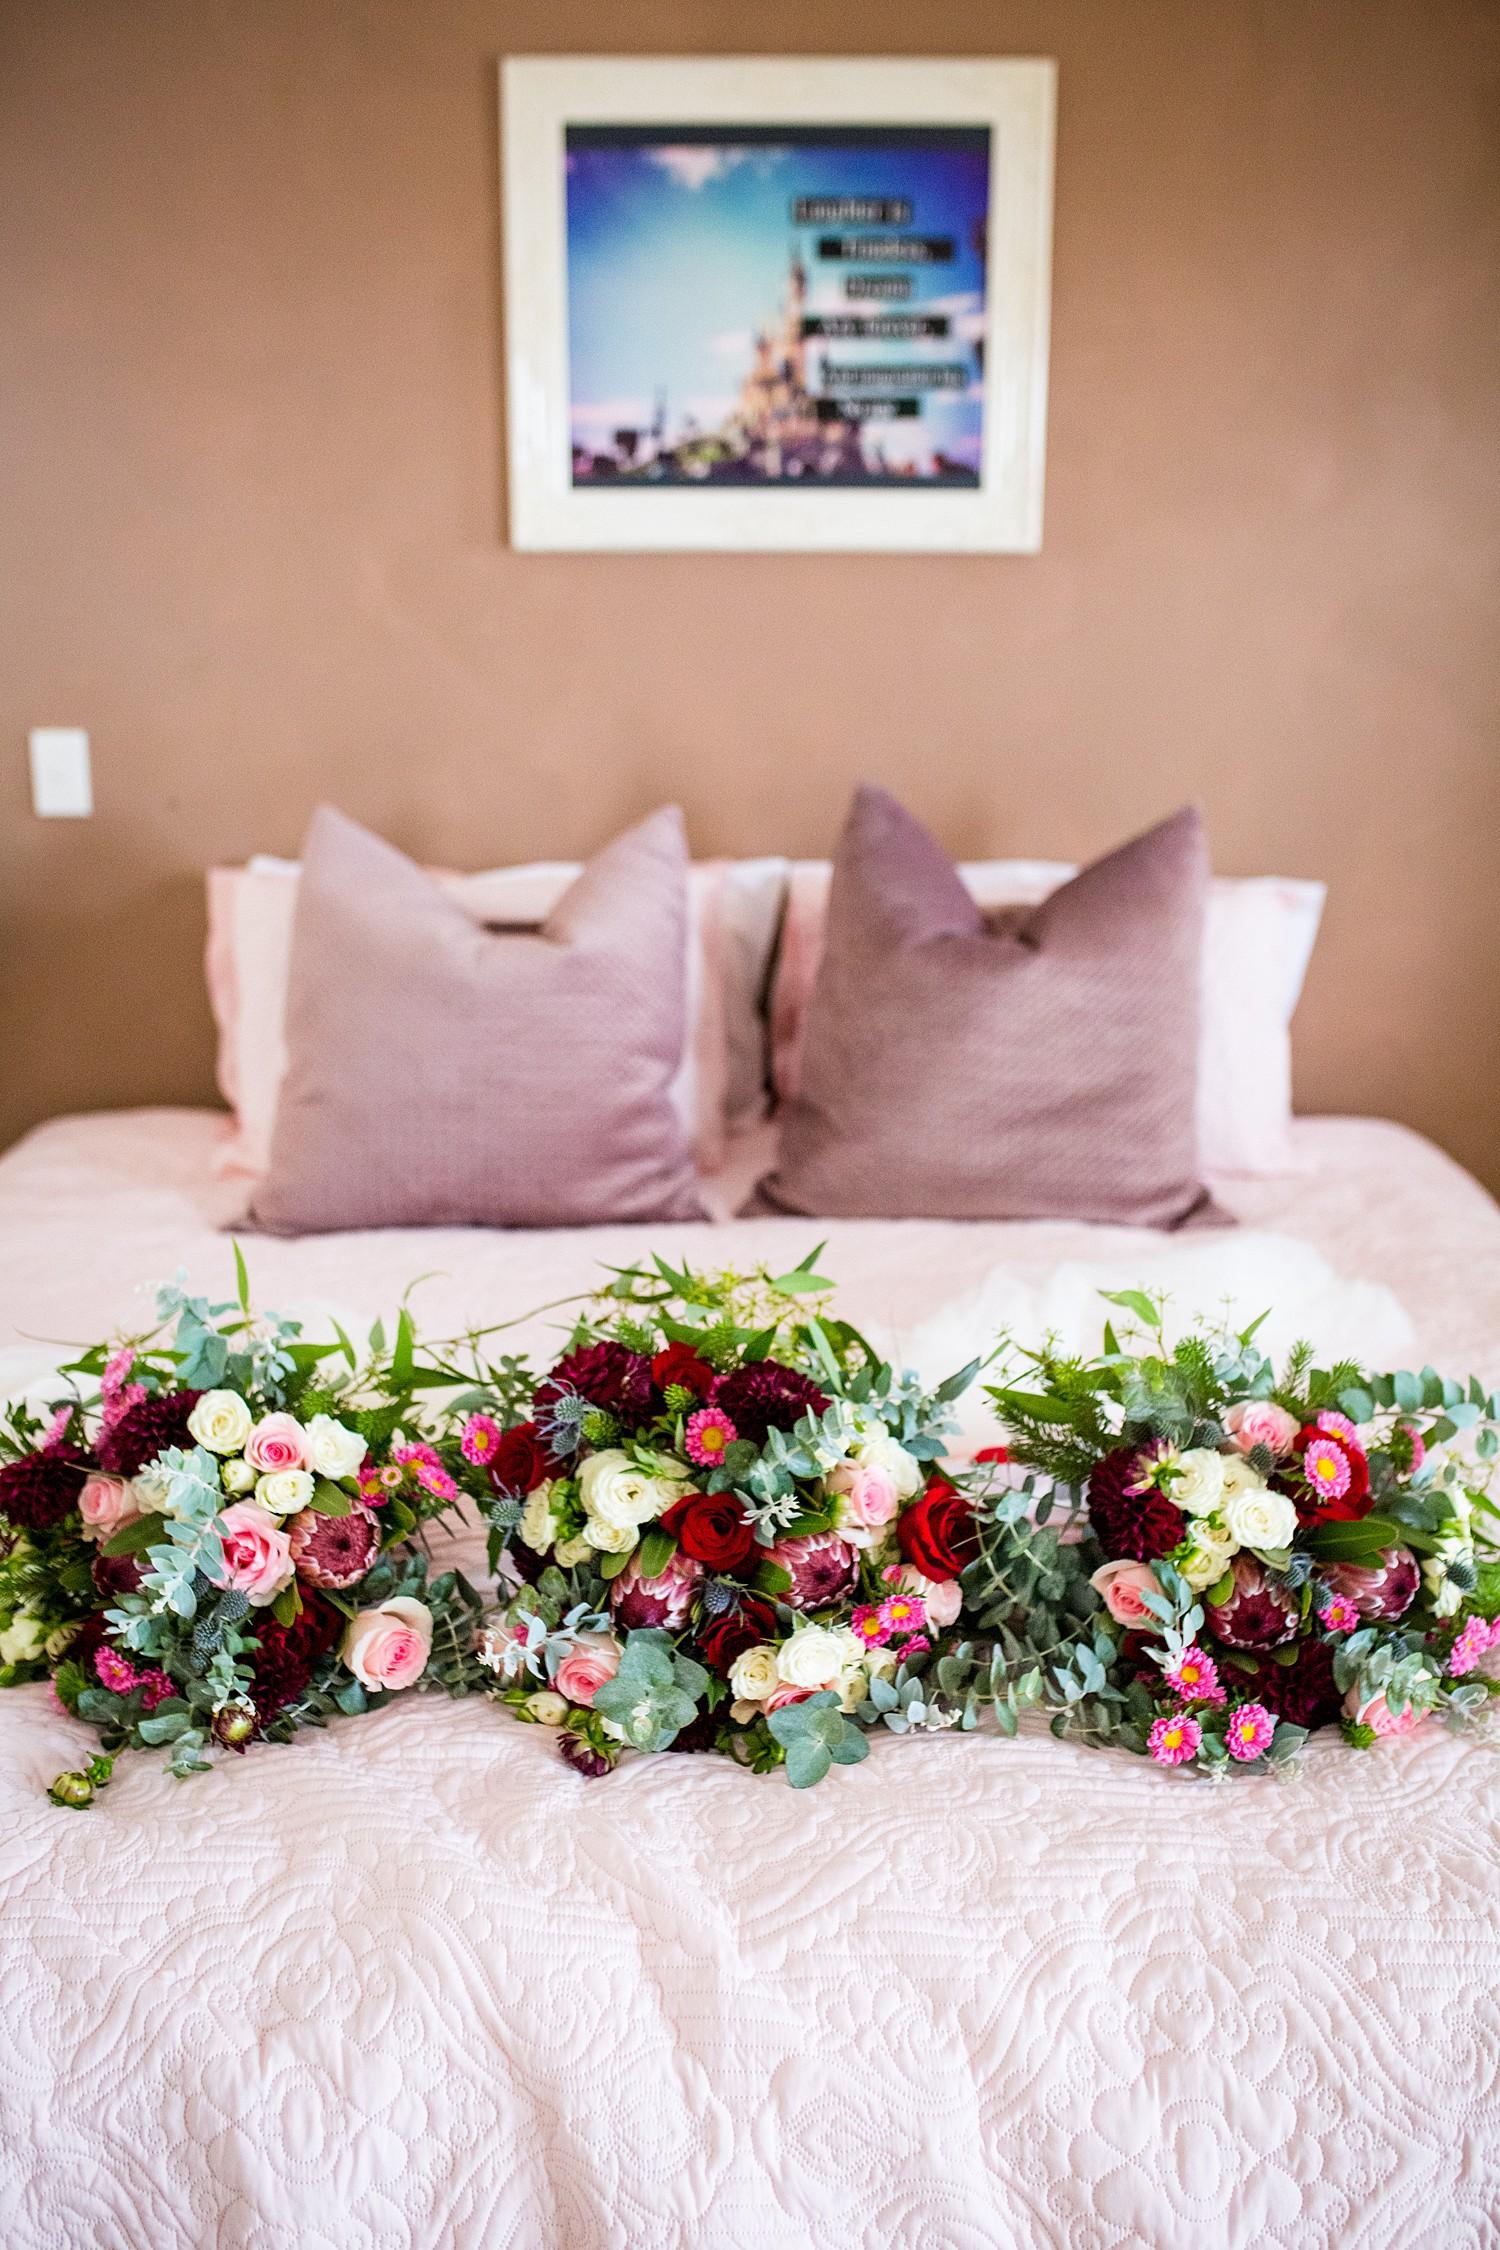 perth_swan_valley_scottish_rainy_wedding_0002.jpg